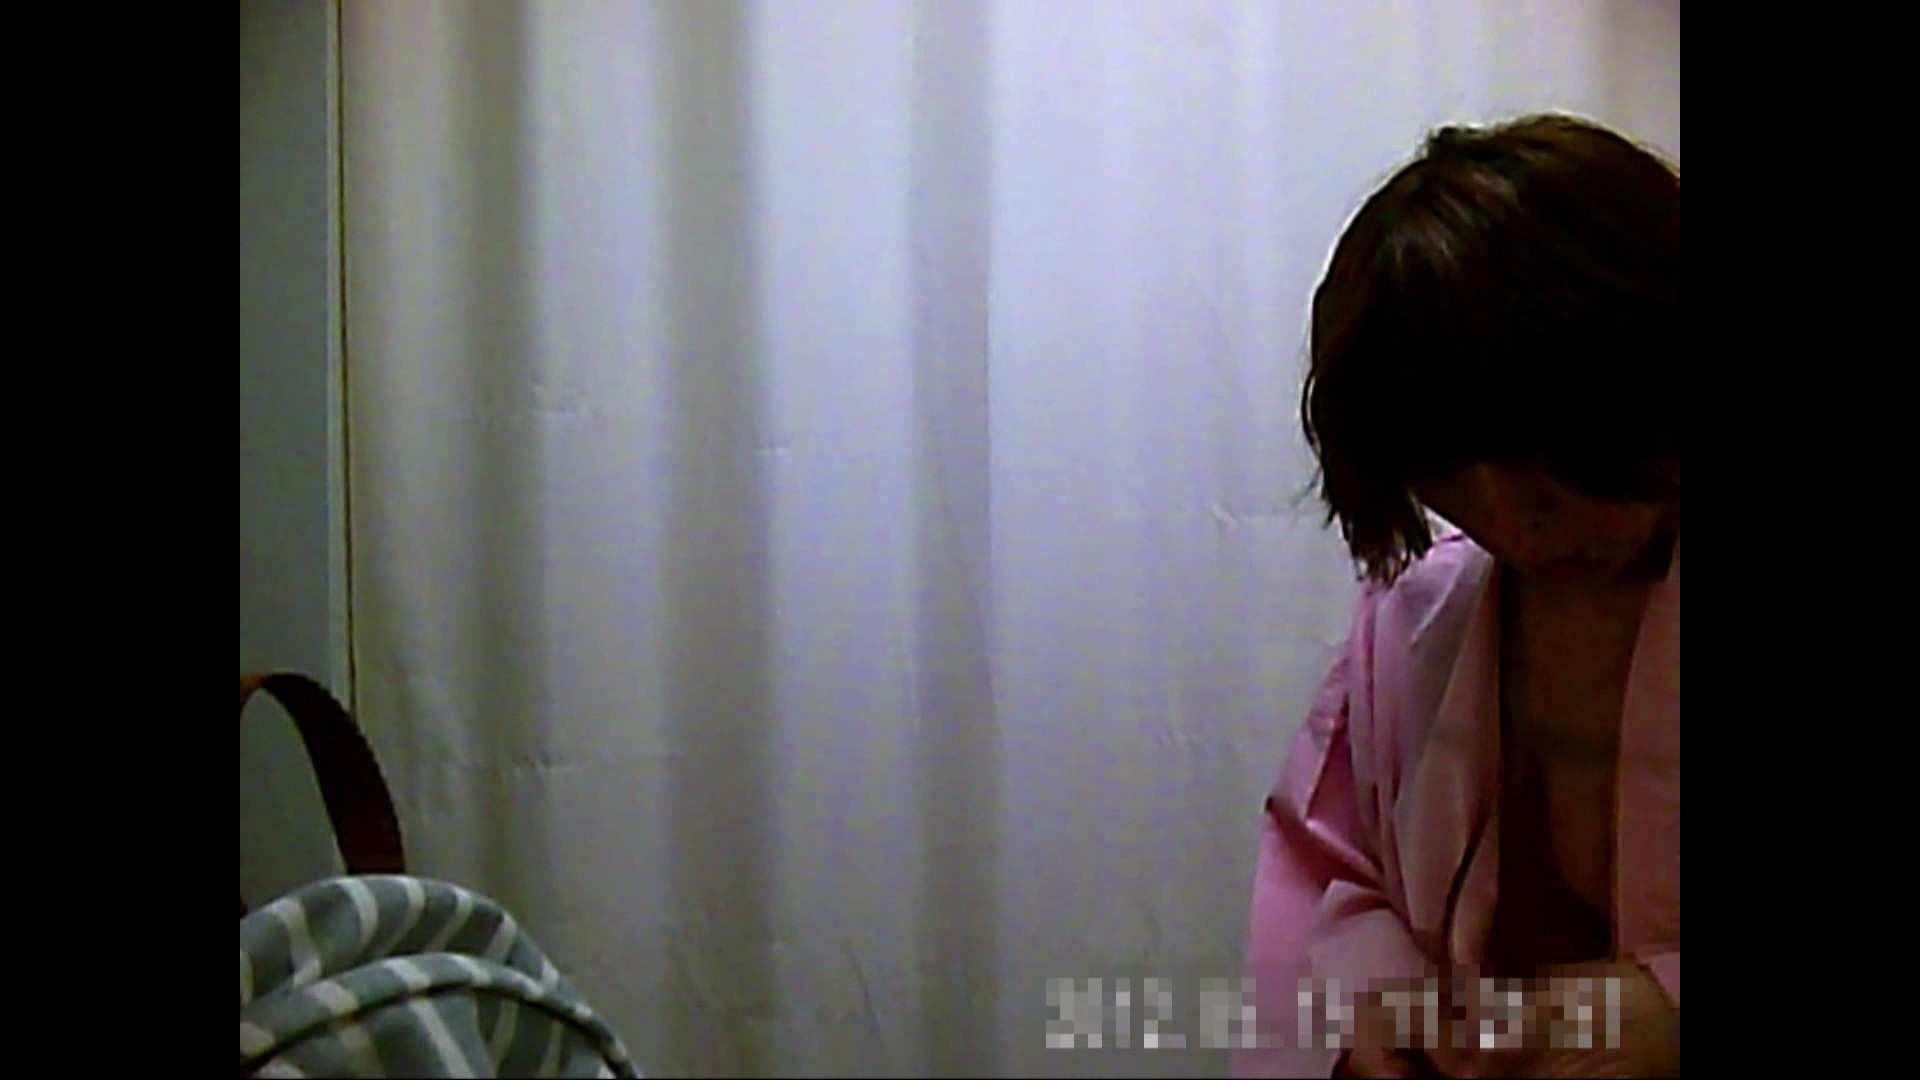 病院おもいっきり着替え! vol.290 エロティックなOL AV無料 91画像 10